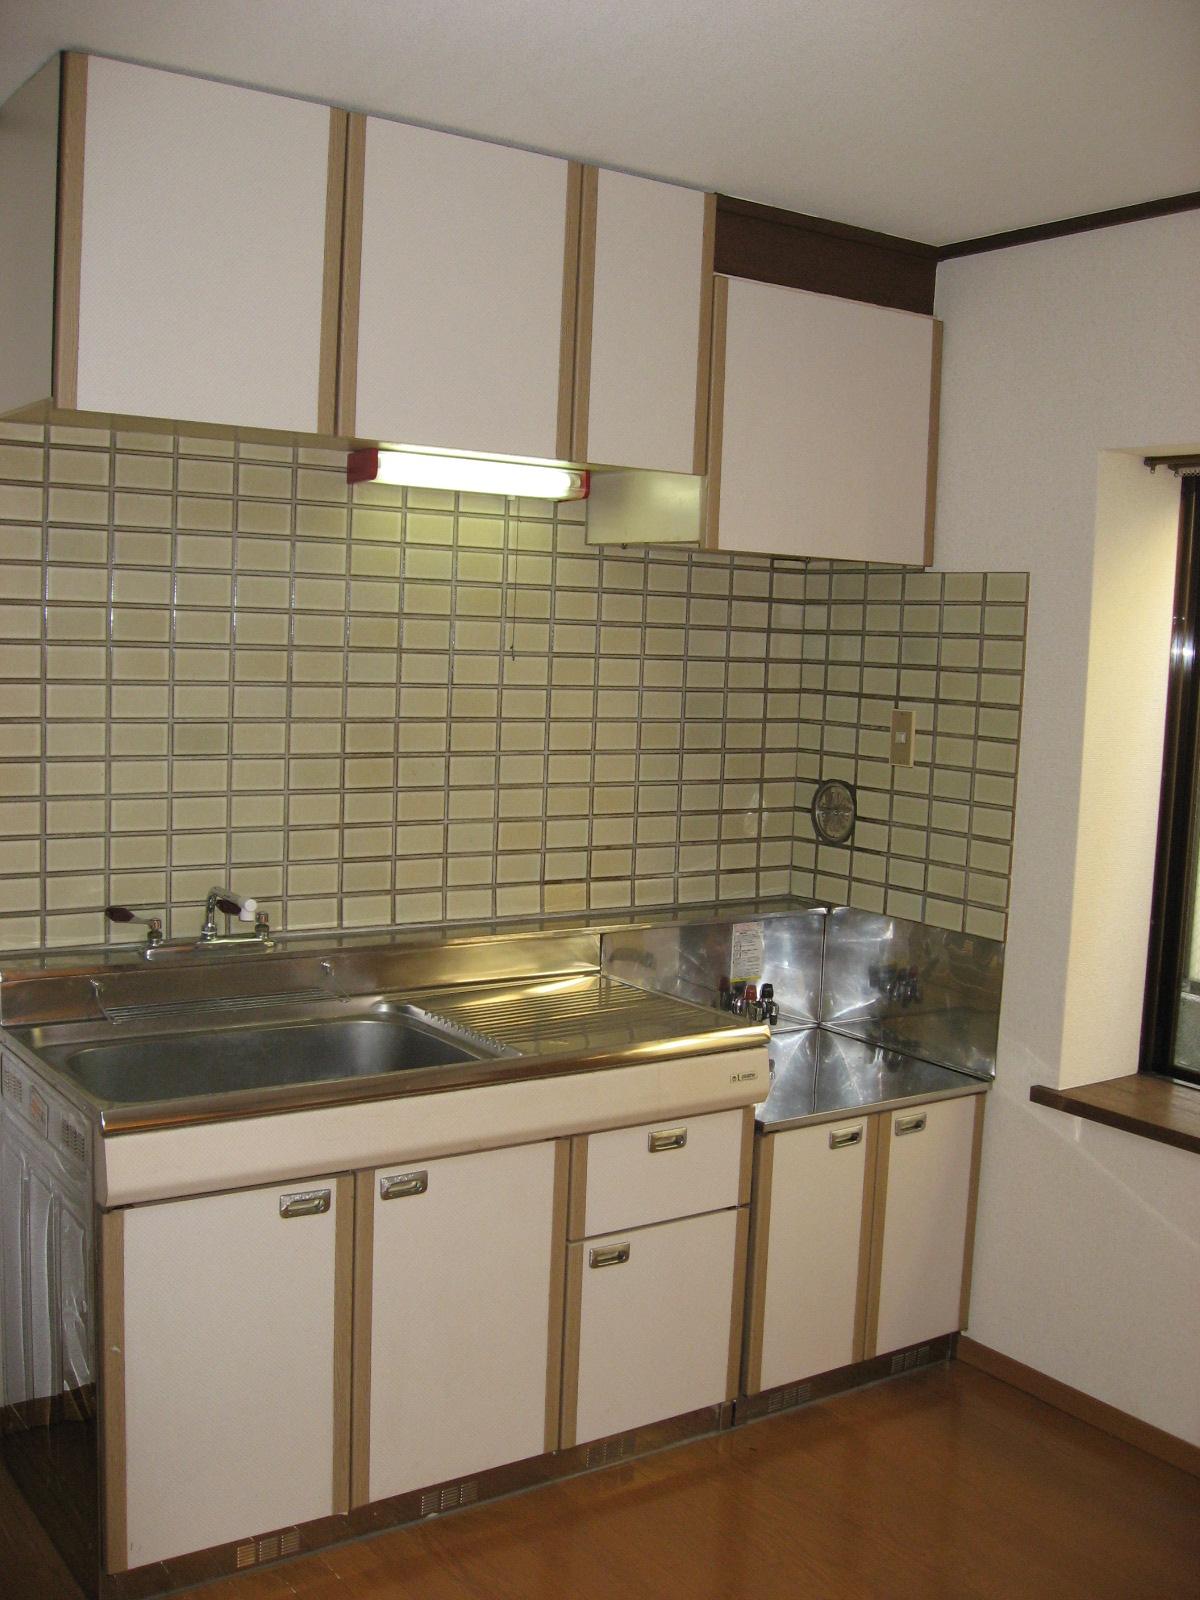 キッチン ガスコンロ設置可で料理も楽しく!